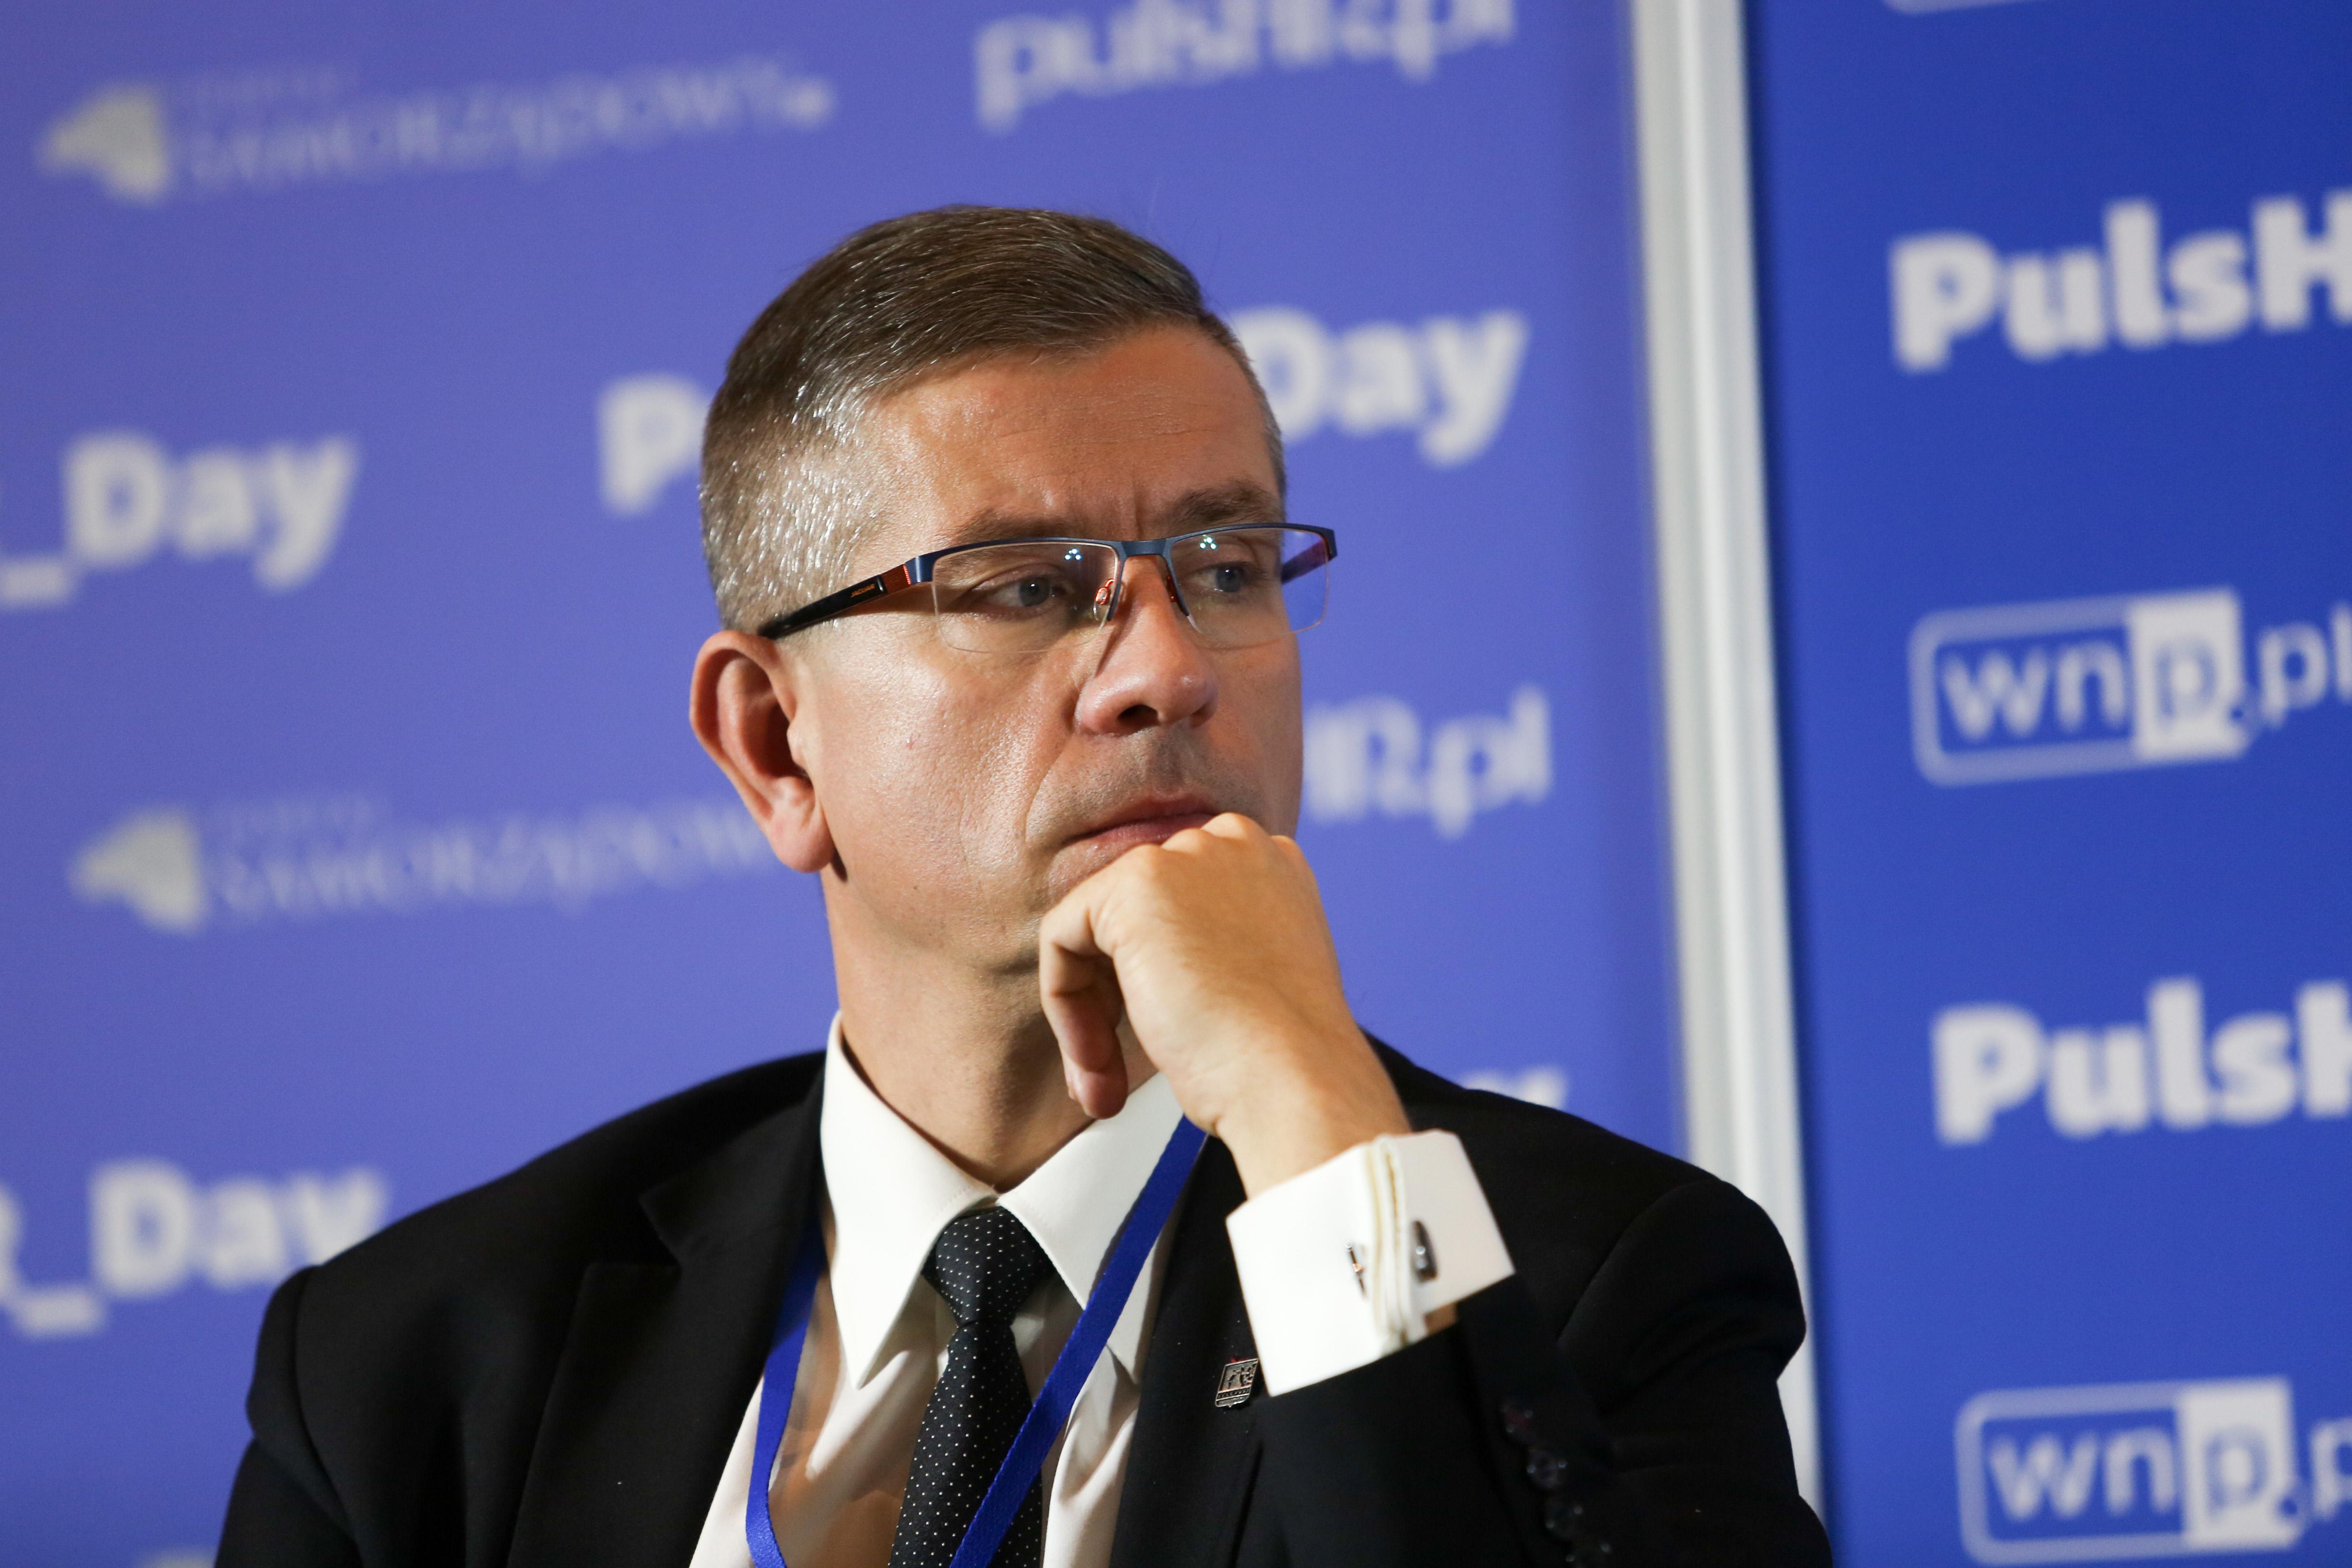 Budowa infrastruktury, współpraca z uczelniami i otwarcie na inwestorów - to przepis na sukces Katowic. Na zdjęciu wiceprezydent miasta Waldemar Bojarun. (fot. PTWP)